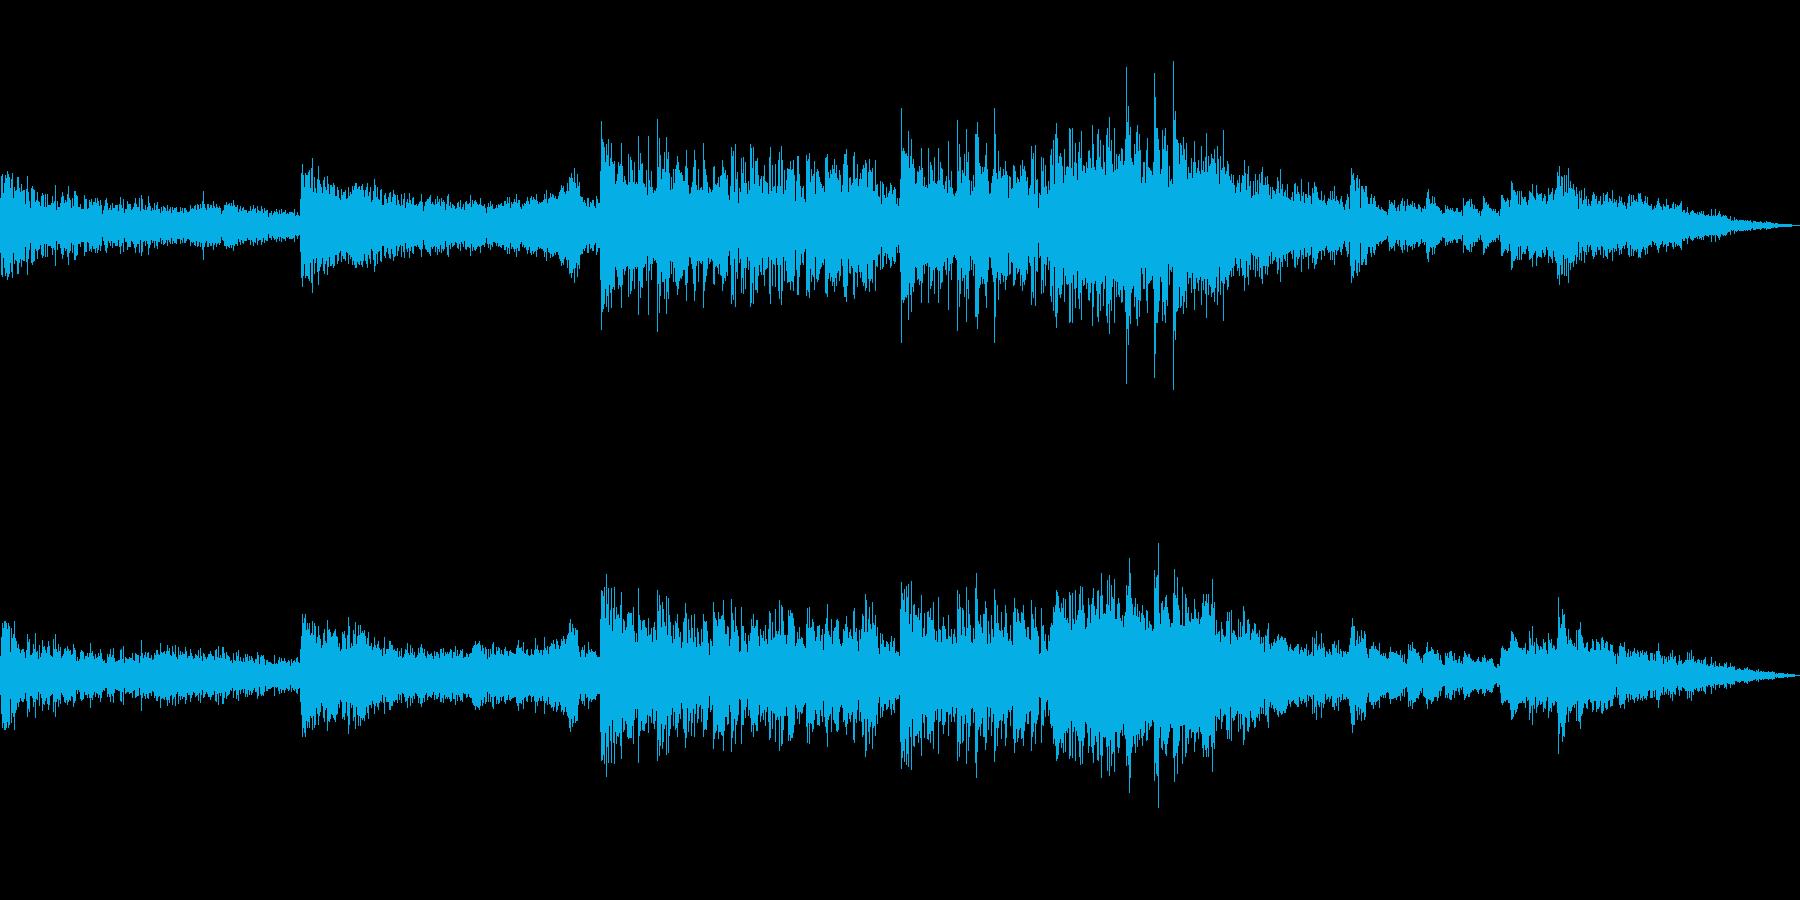 映画のトレーラーのような曲の再生済みの波形